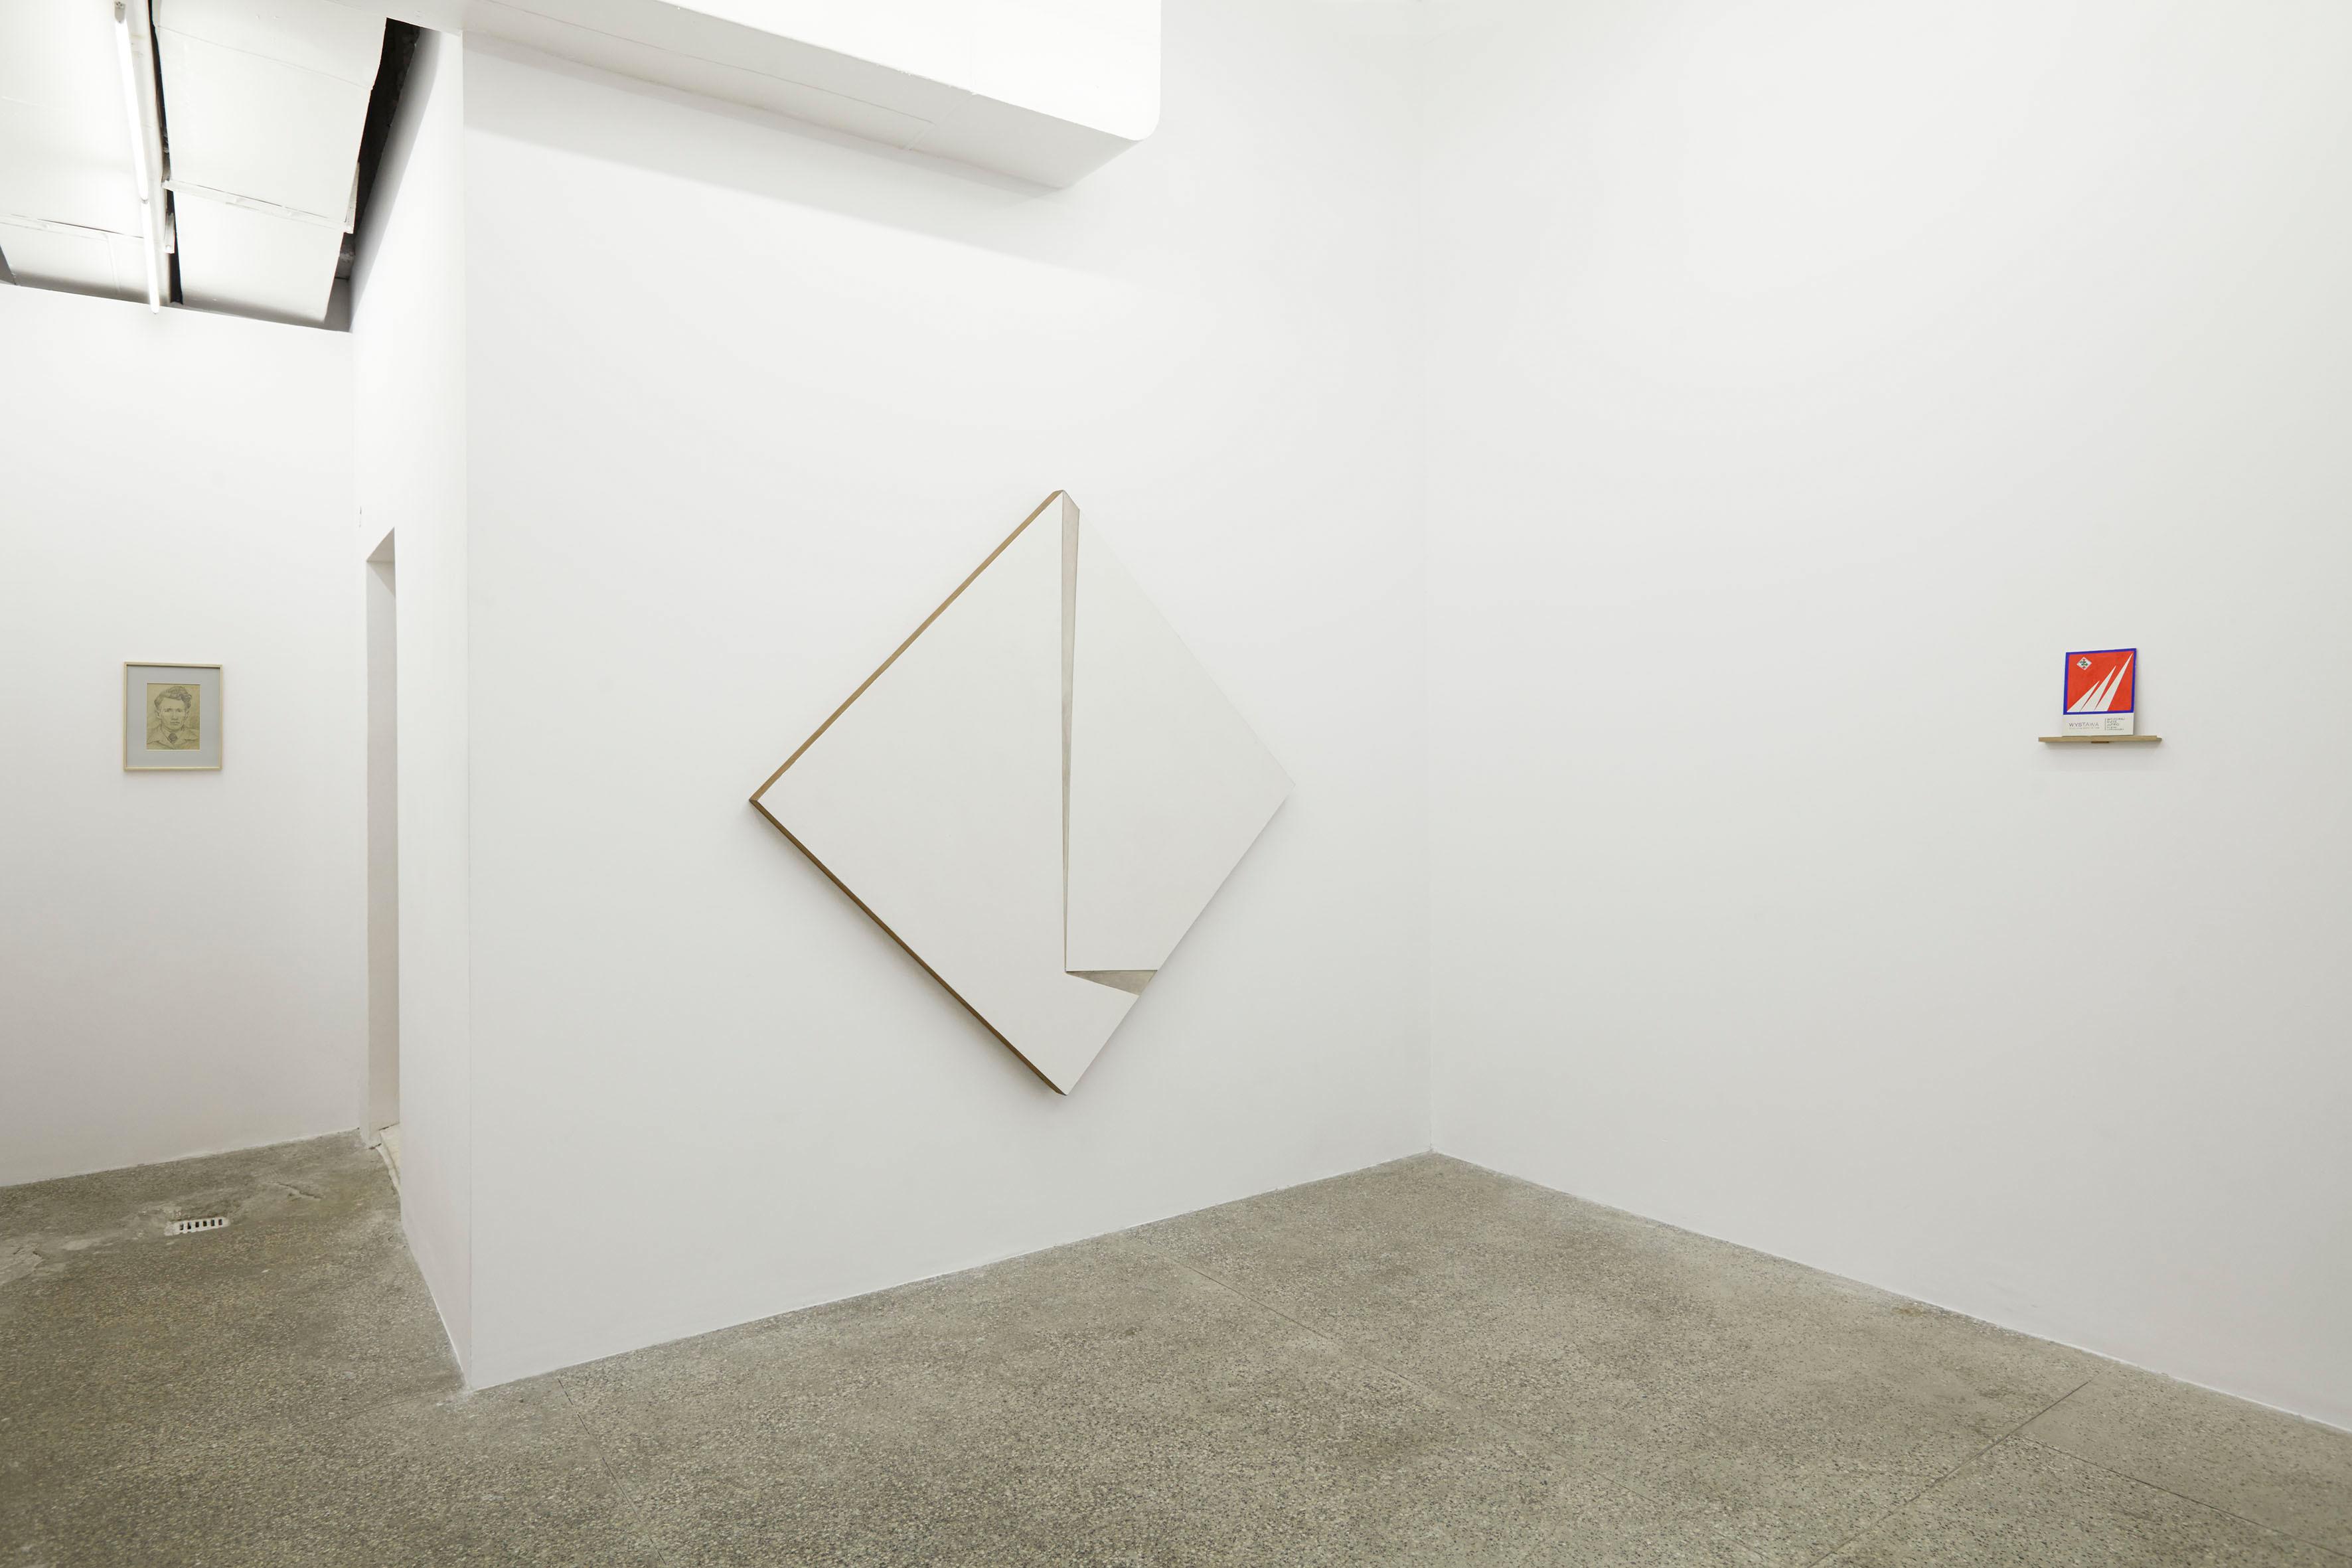 """widok nawystawę """"Marian Szpakowski. Wczoraj, dziś, jutro"""", galeria Dawid Radziszewski, 2014"""